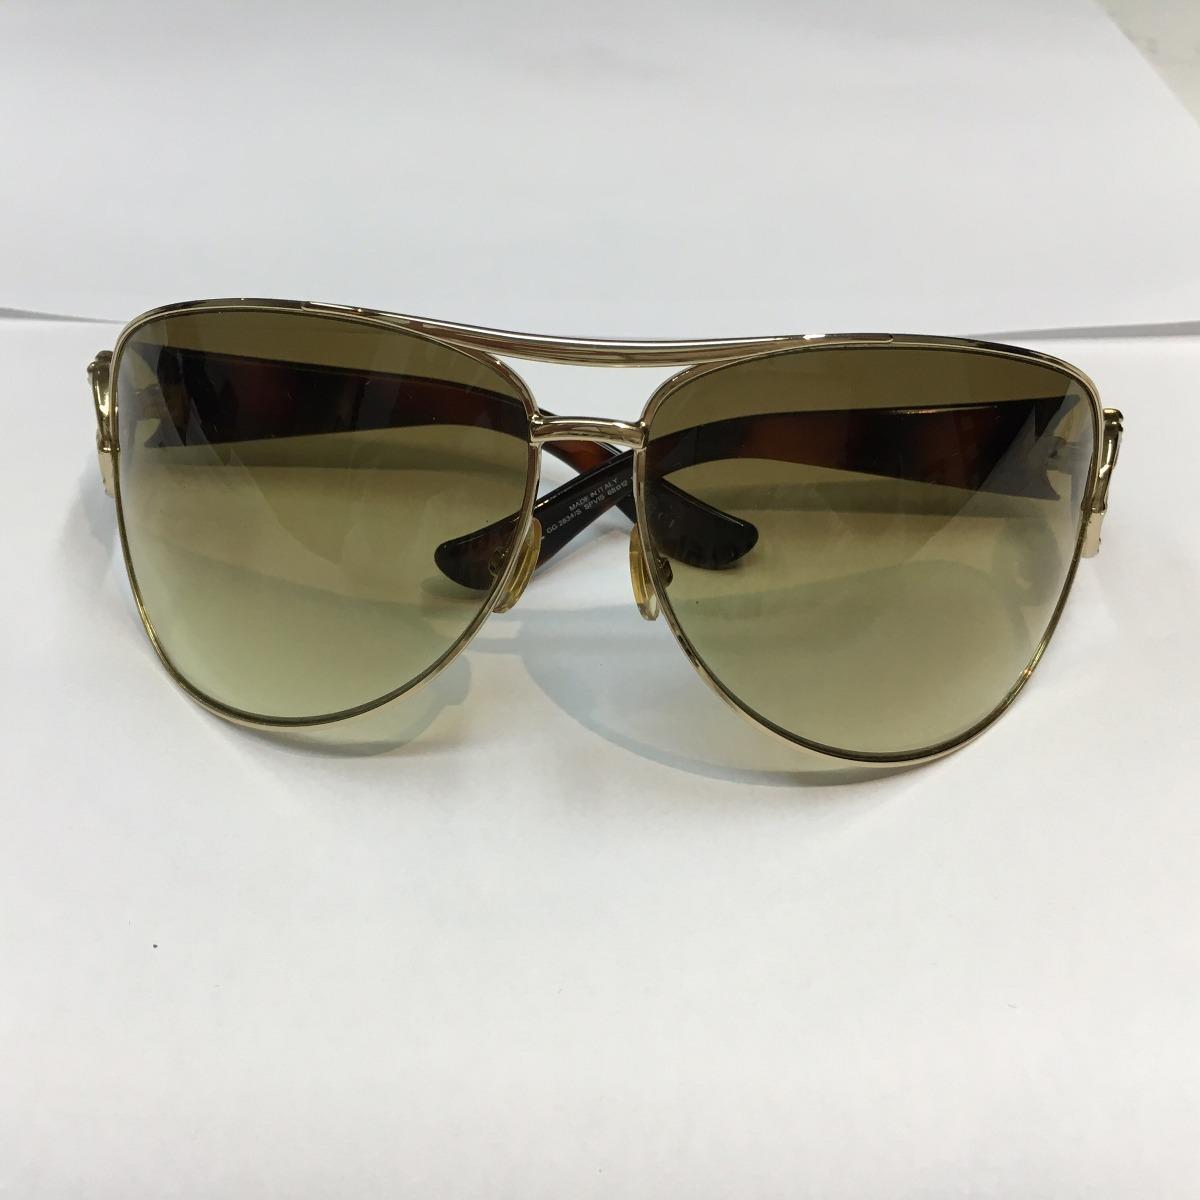 ... Óculos Gucci Original Feminino - R 280,00 em Mercado Livre  490938e450c04e ... 7866785bb7